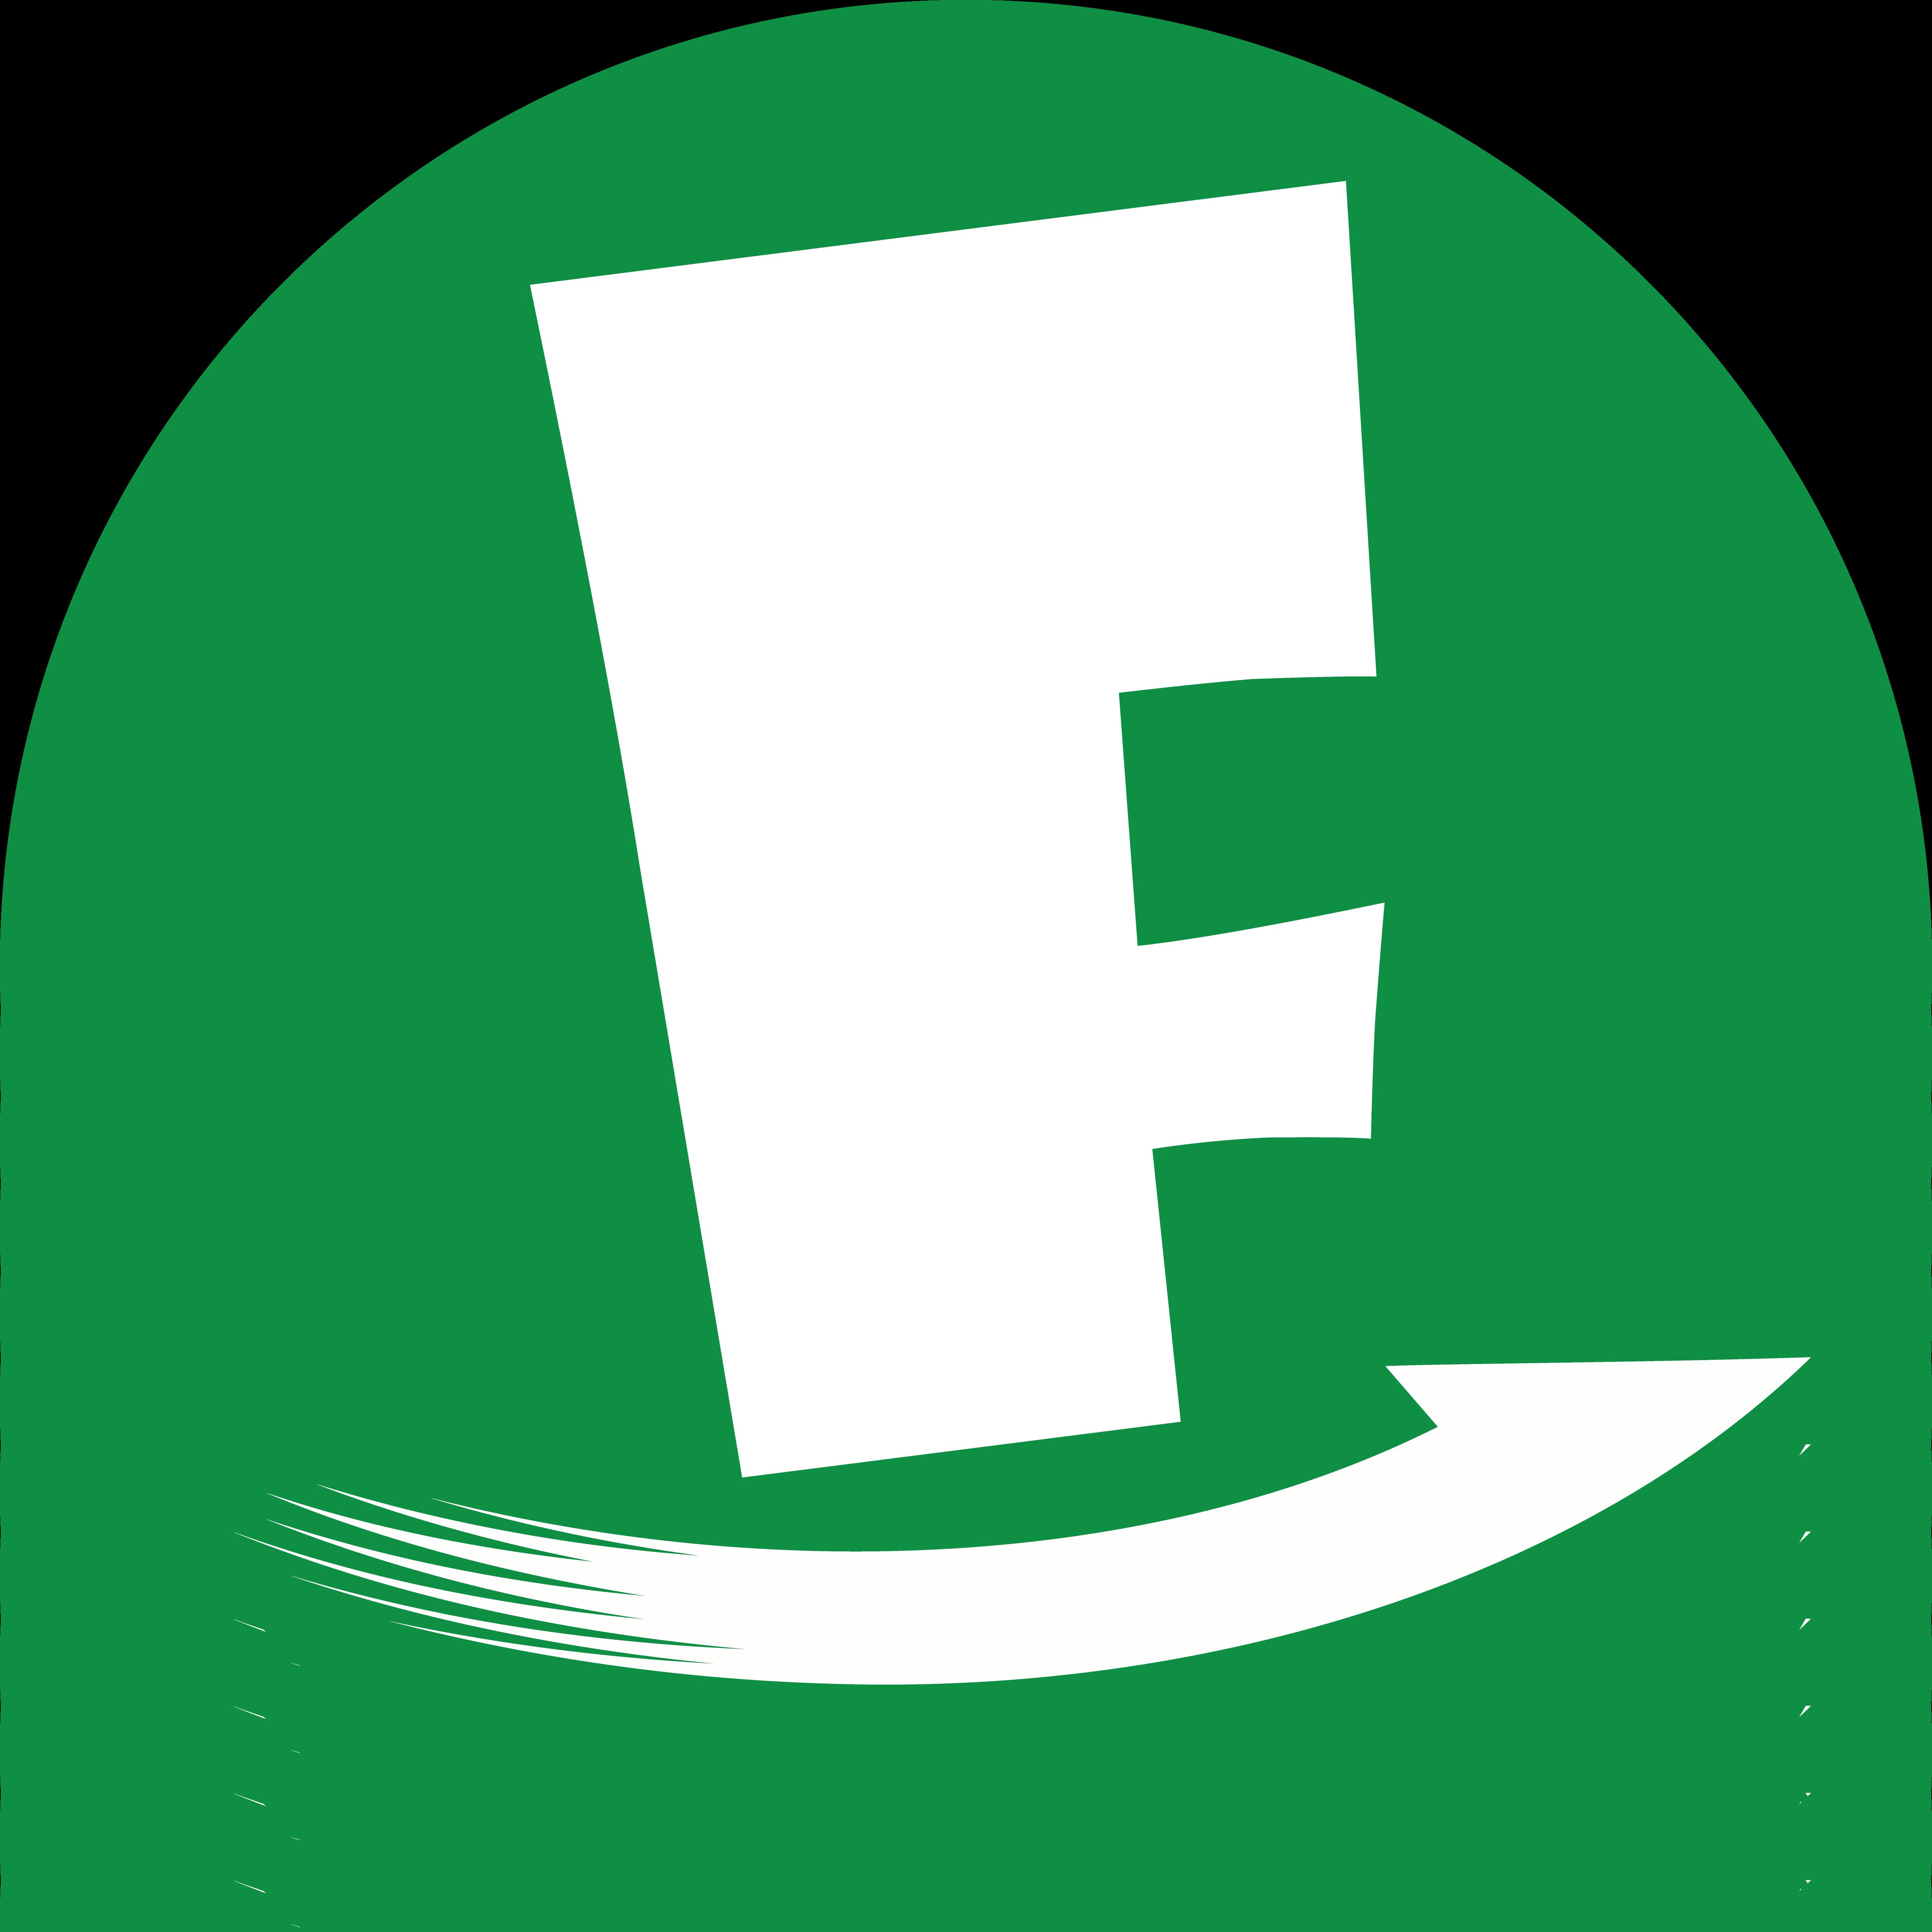 ブランドロゴ1